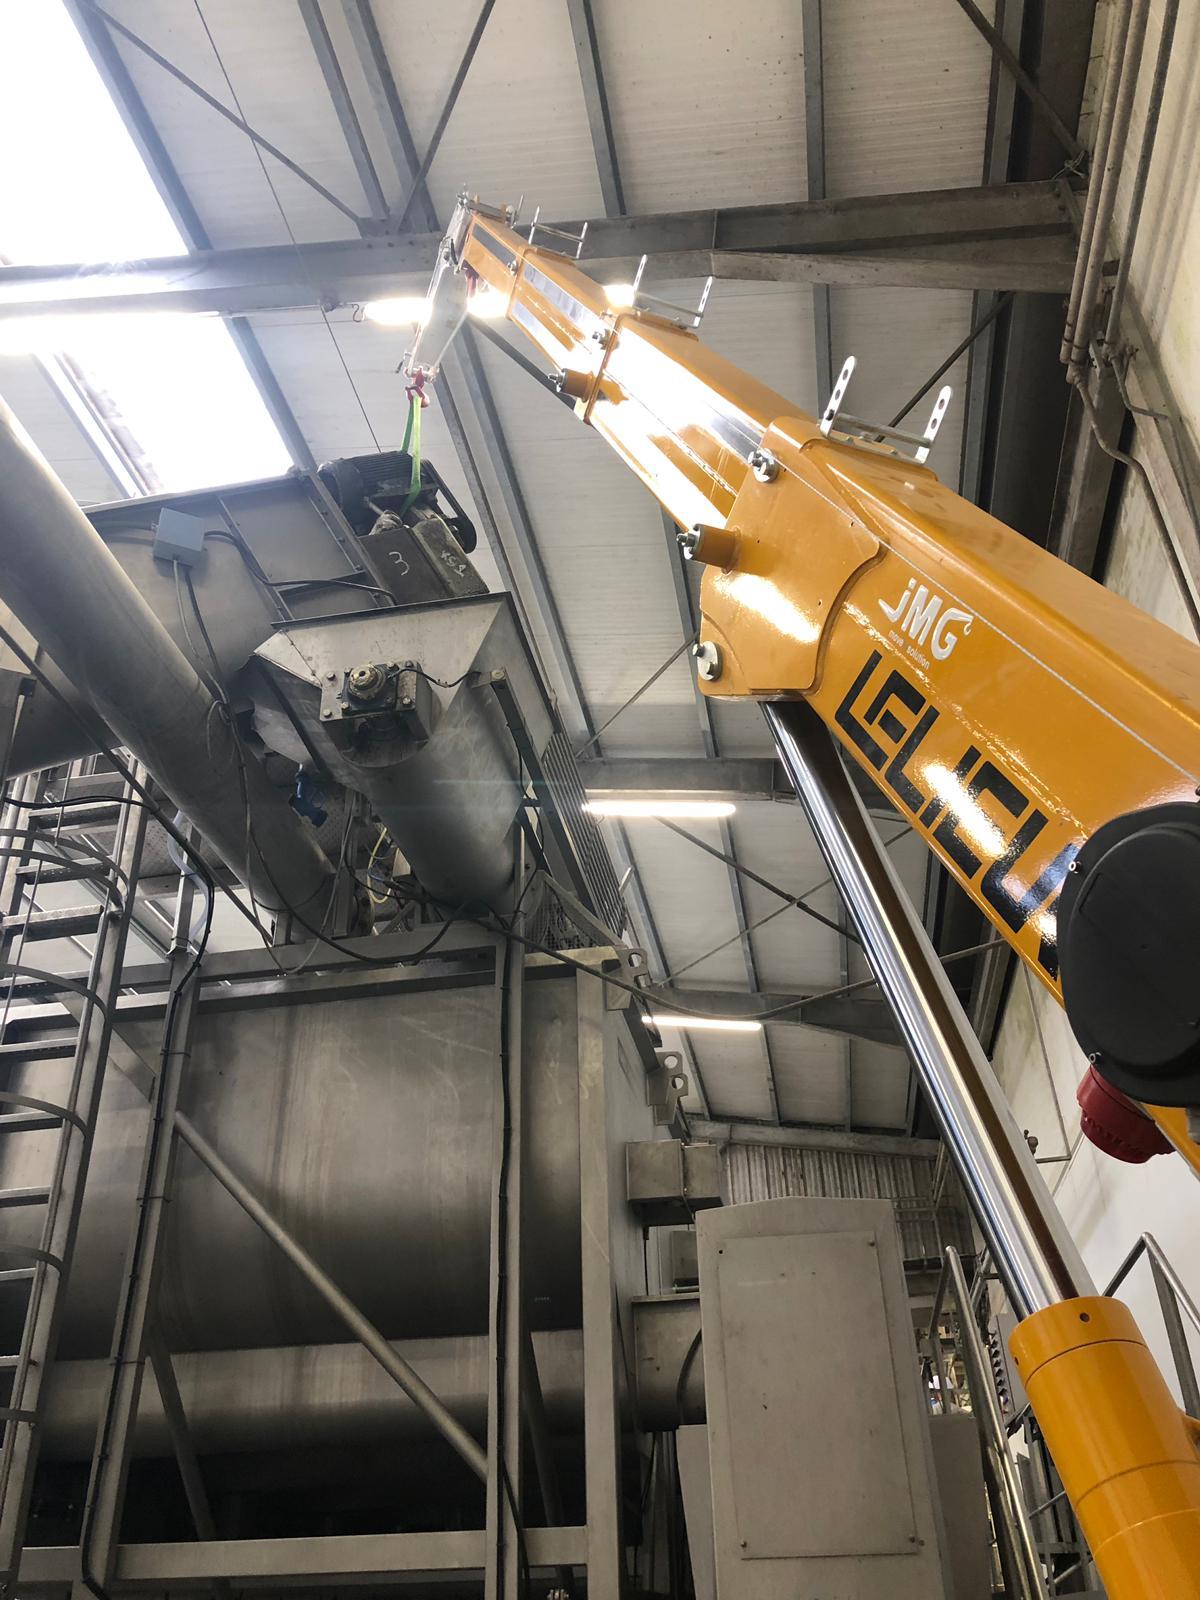 Opération de manutention en usine agro-alimentaire